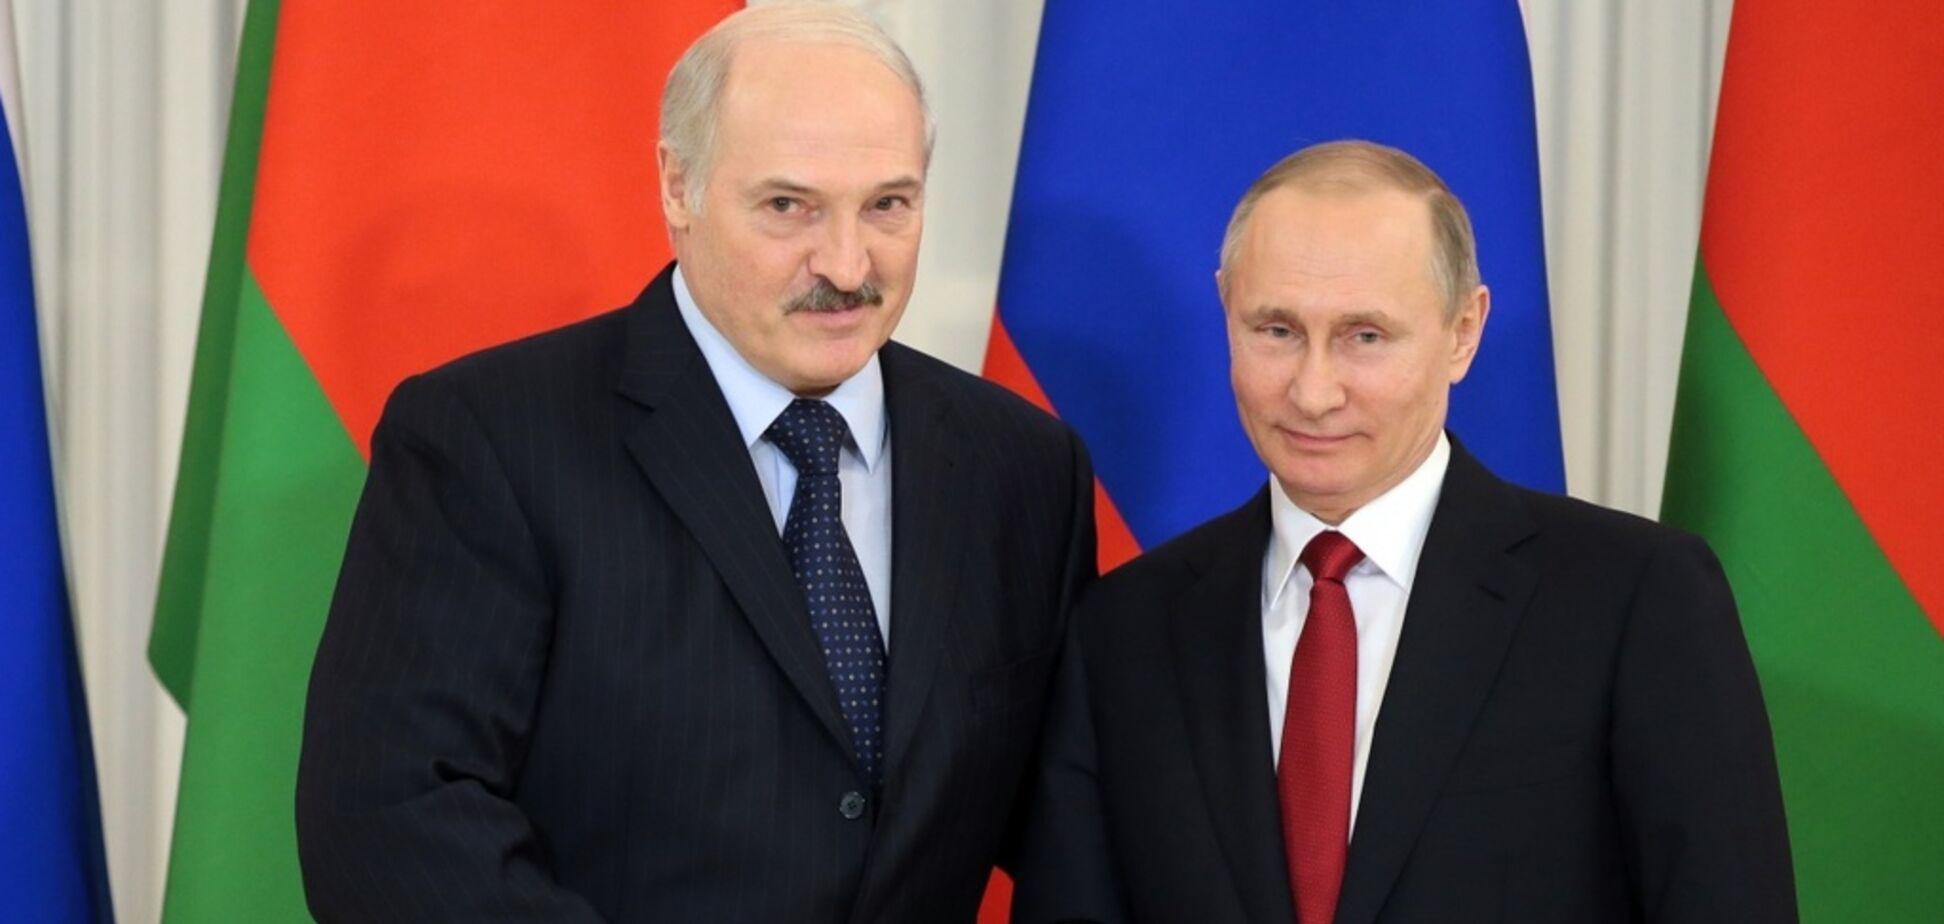 'Не разбежались, как Россия с Украиной!' Лукашенко публично подыграл Путину